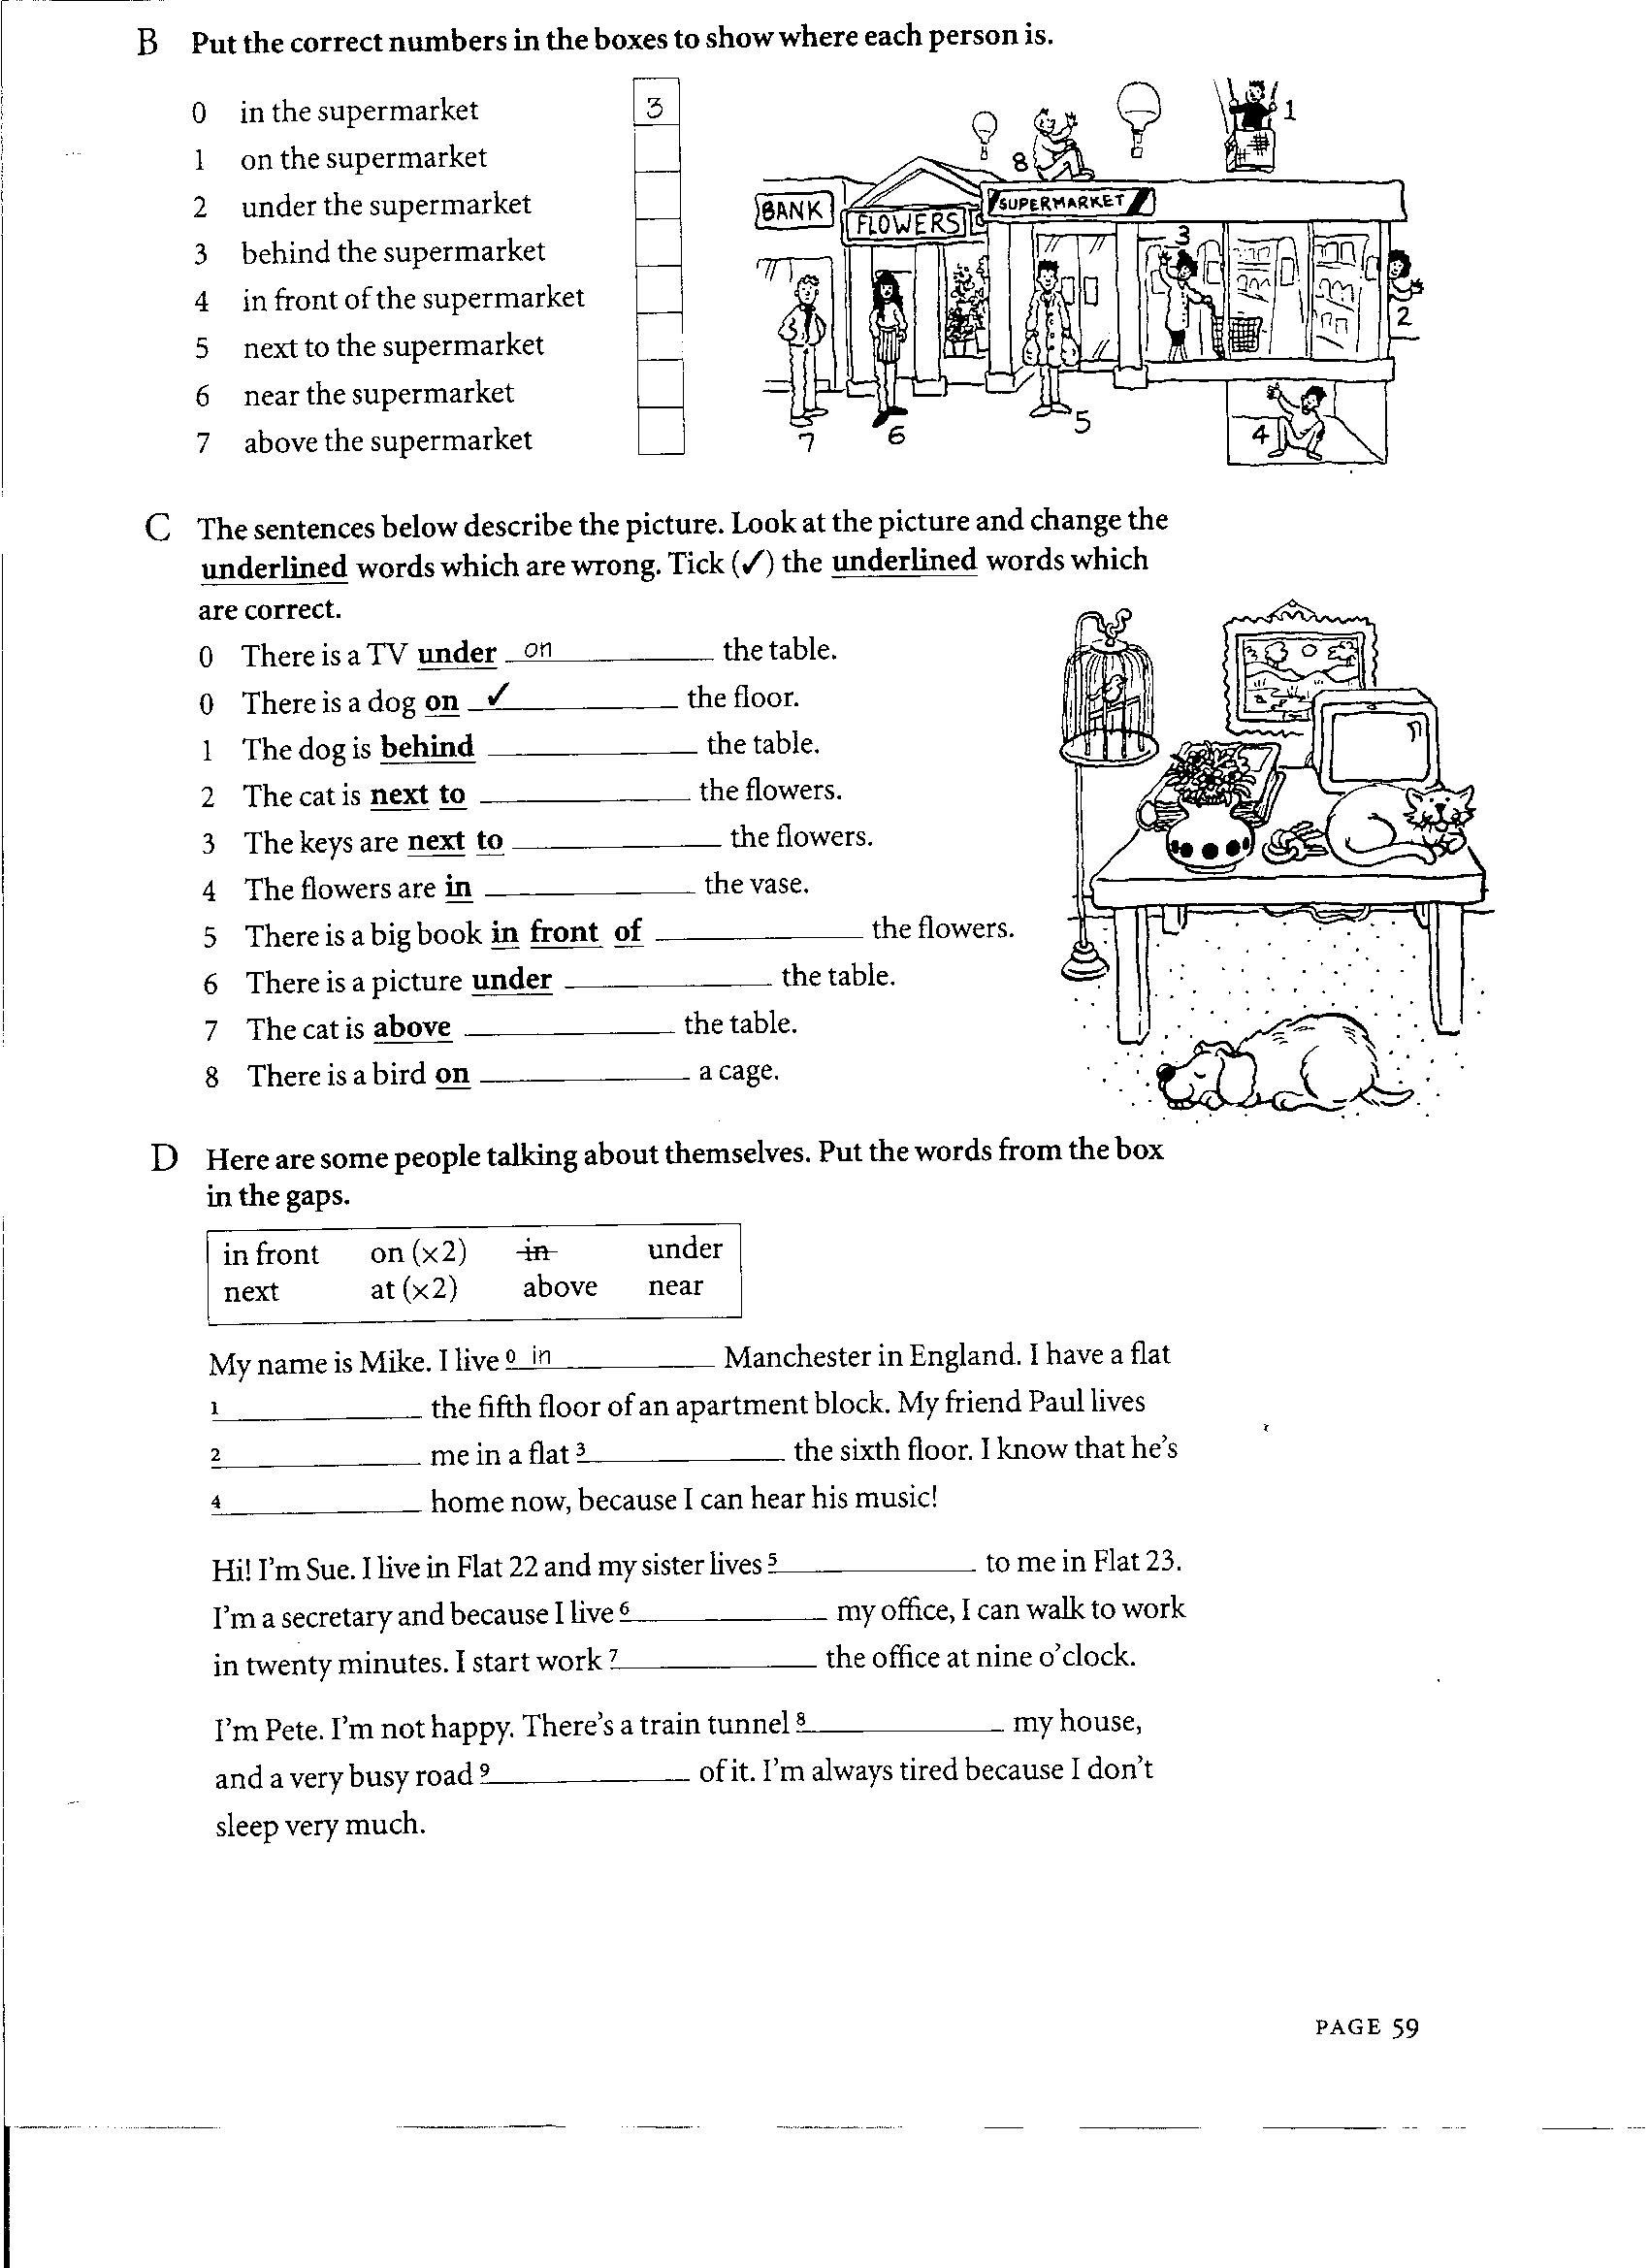 Parison Of Adjectives Worksheet Doc